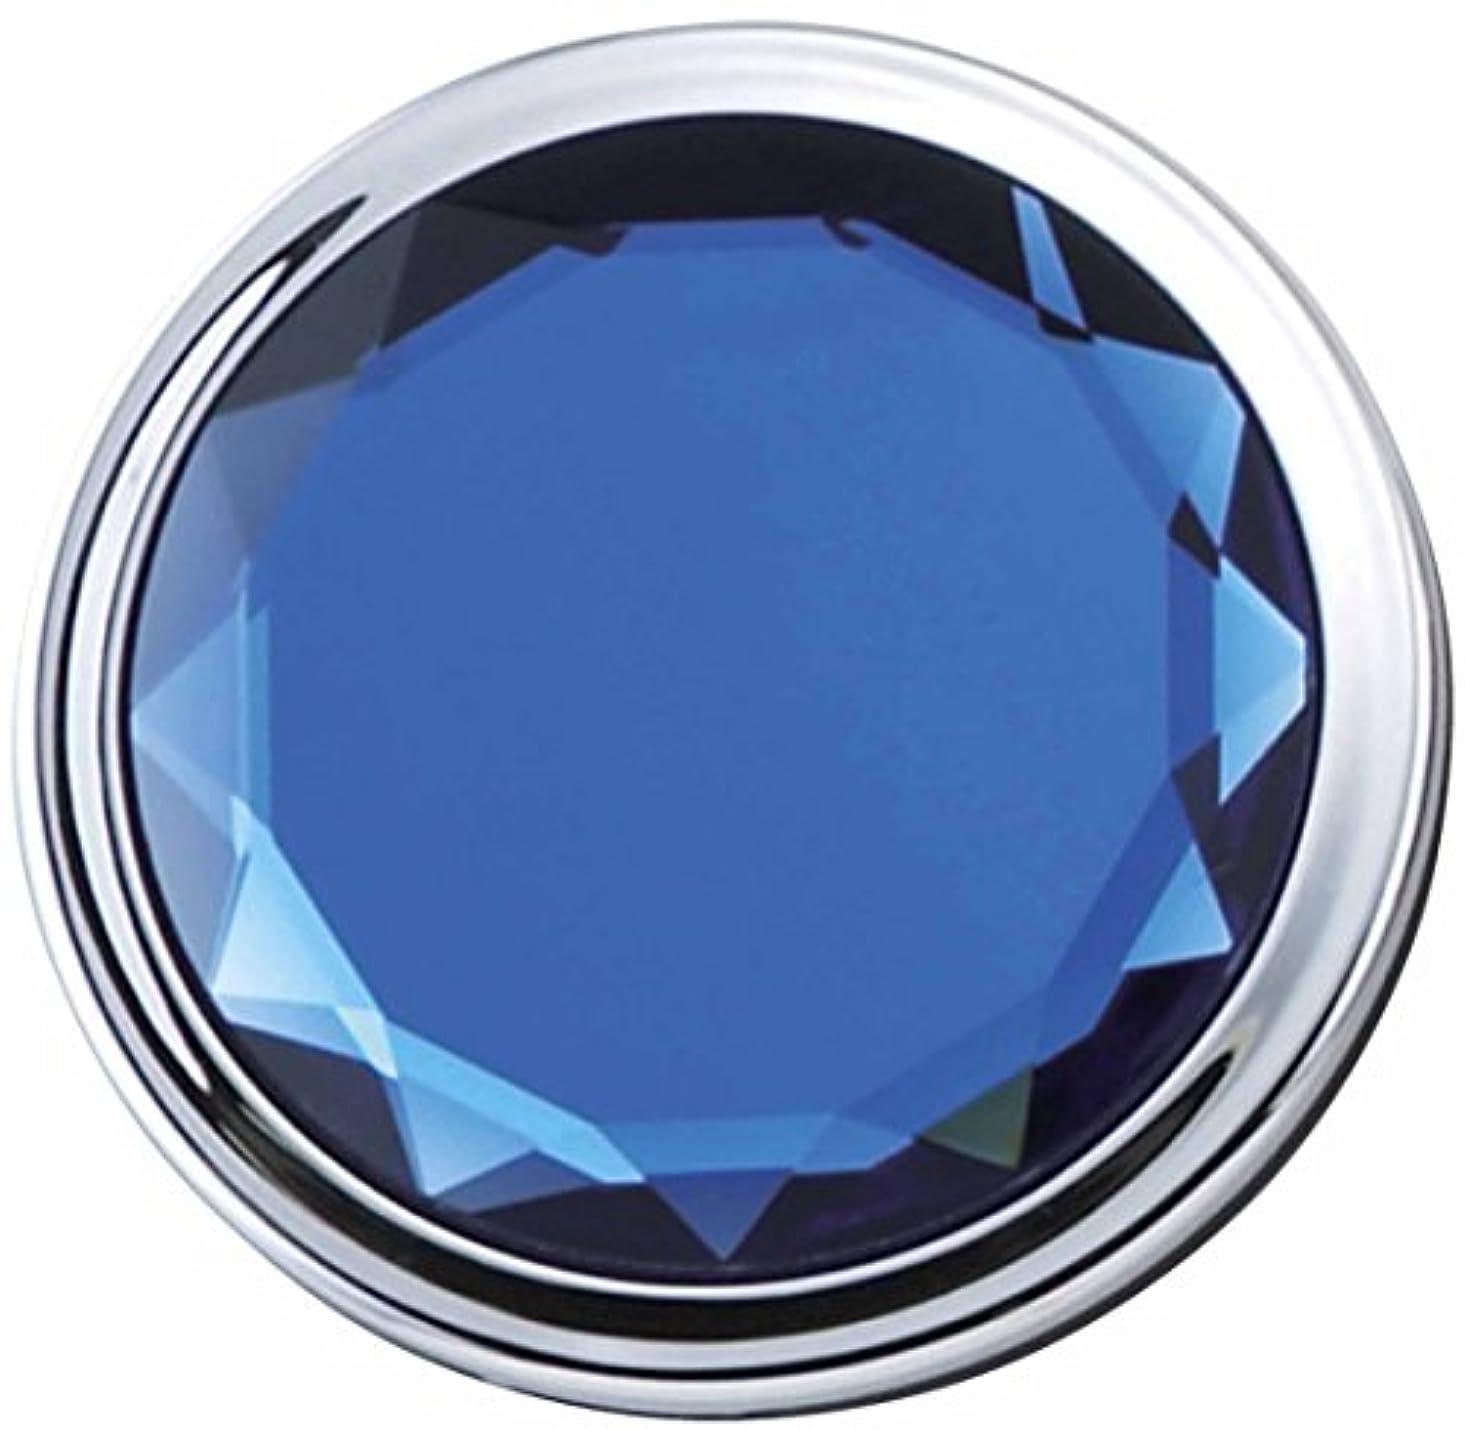 ブラシ藤色プライバシーメトリックス JEWEL color コンパクト ミラー ブルー 等倍 & 2倍 拡大鏡 es